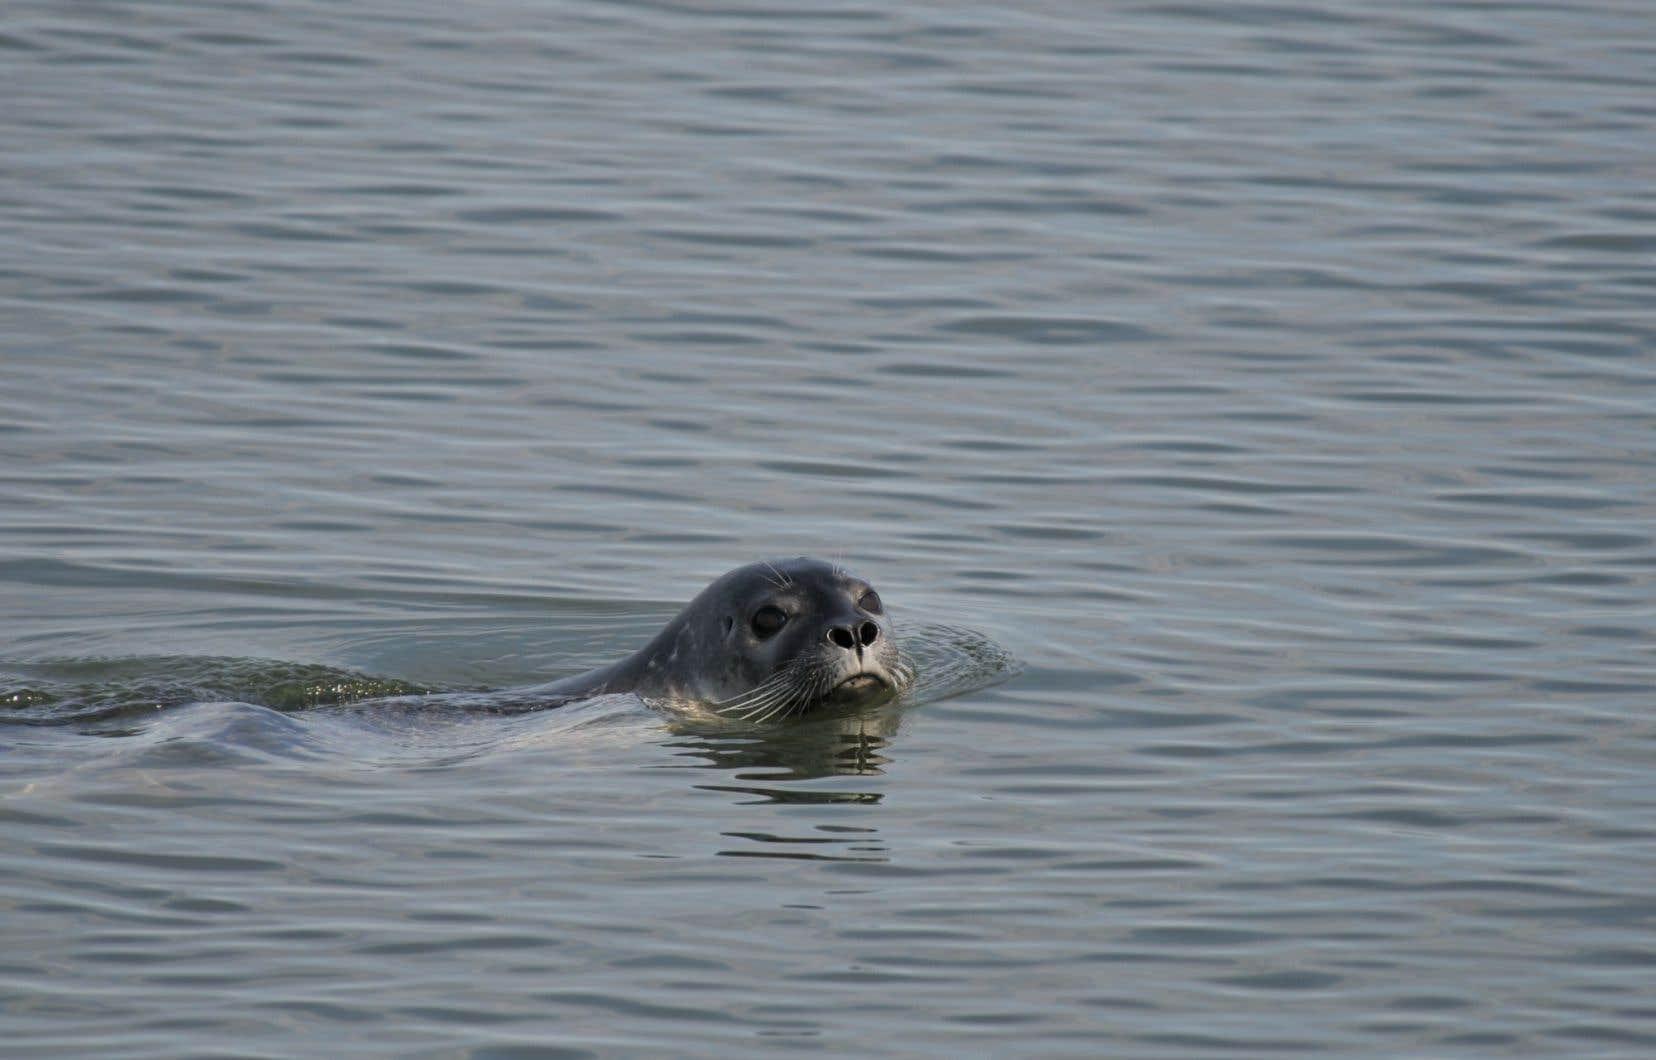 L'habitat naturel du phoque commun se situe dans le Saint-Laurent, mais à des centaines de kilomètres en aval de Montréal.